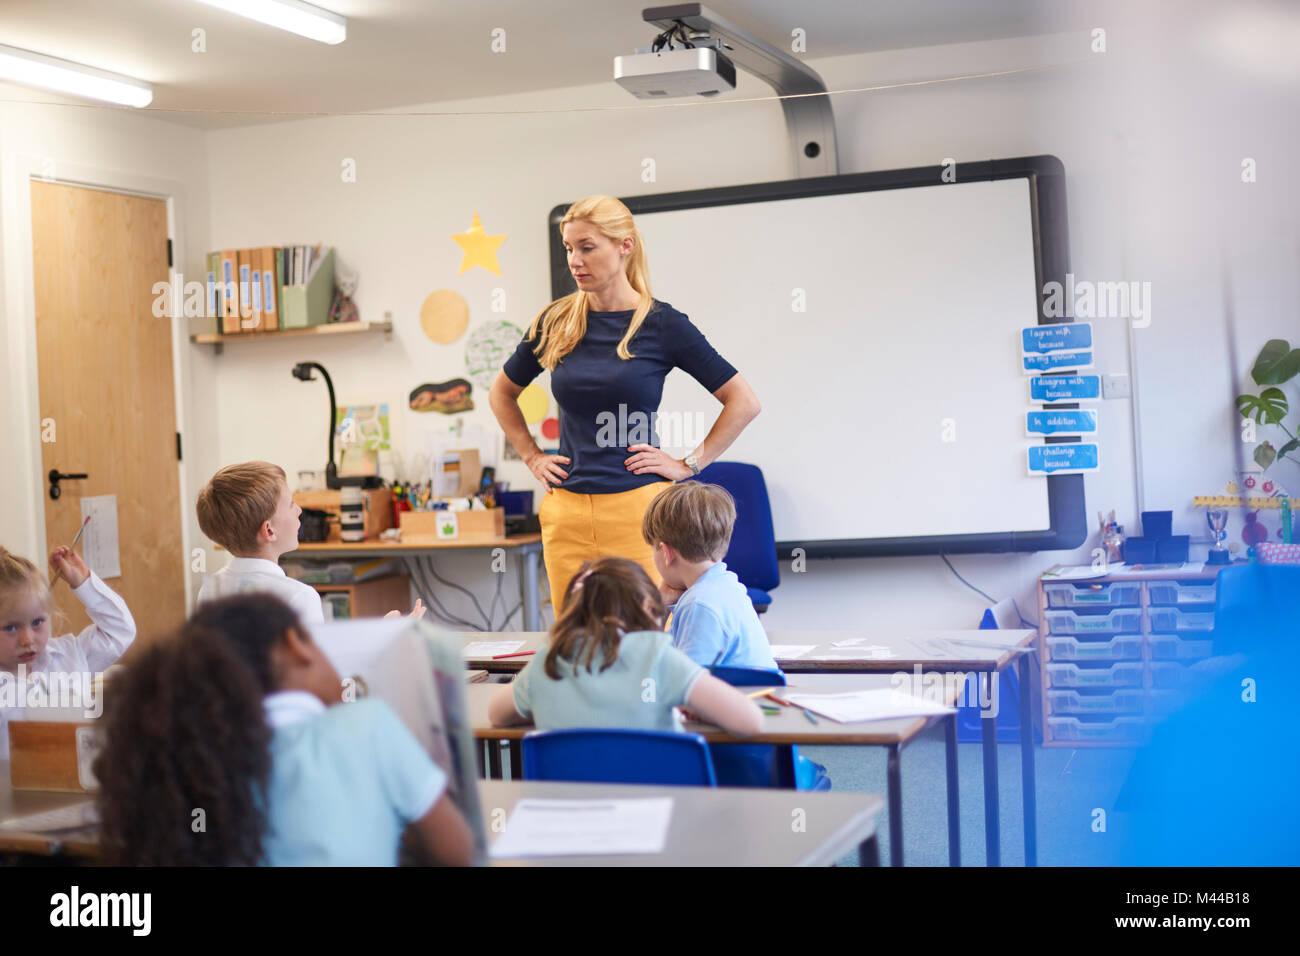 Lehrer mit den Händen auf den Hüften vor der Klasse in der Grundschule Stockbild